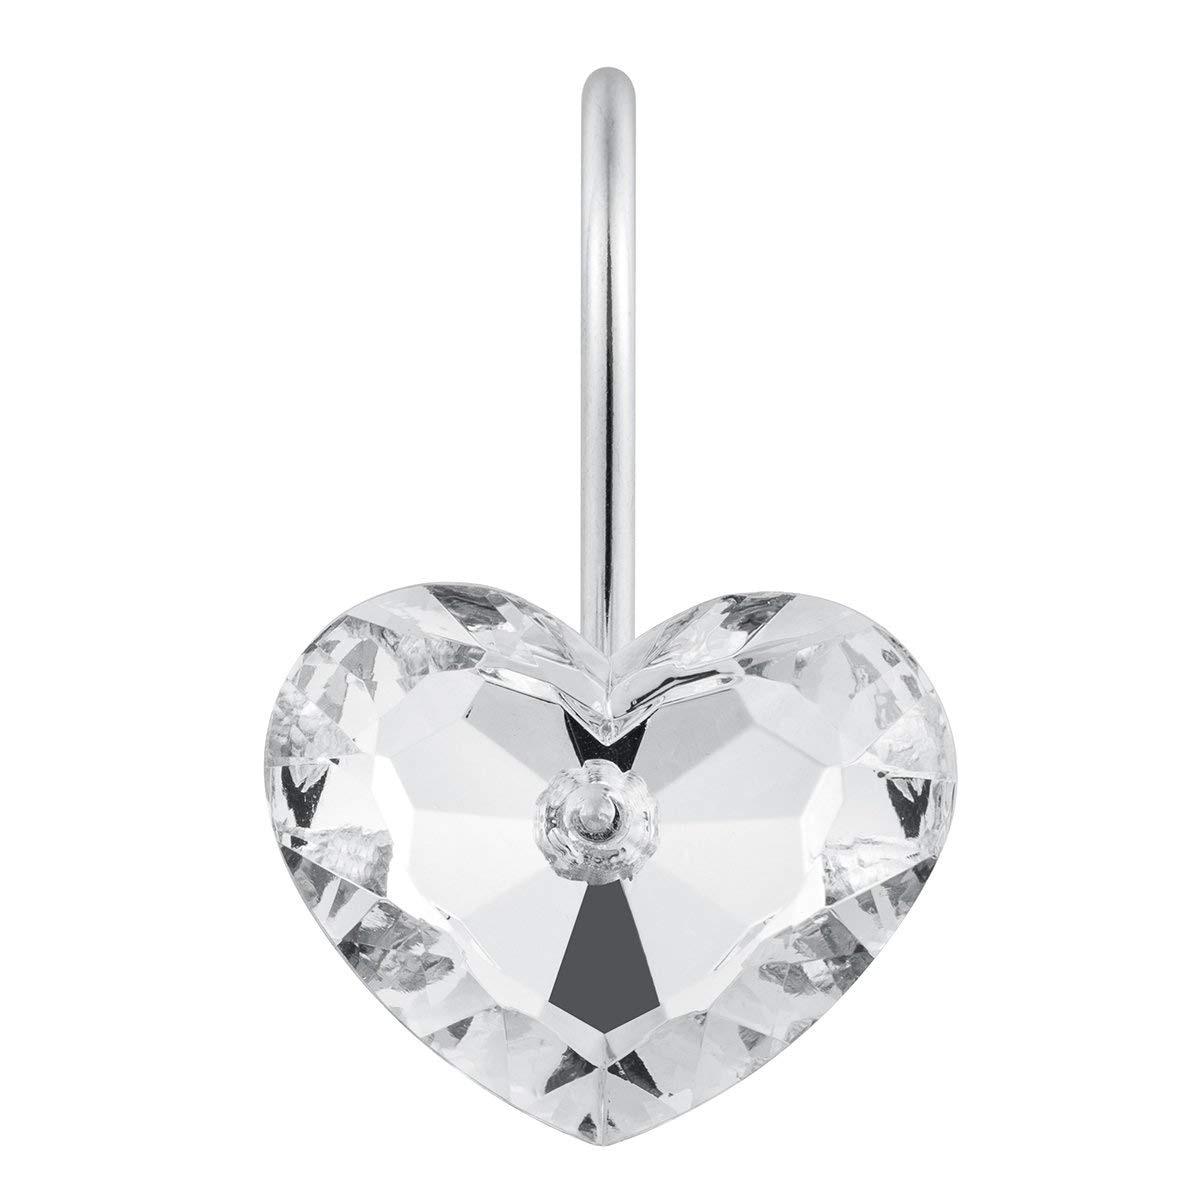 Ganchos de ducha decorativos con forma de corazón de NOCM, ganchos resistentes al óxido, anillo de ducha deslizante, colgante para Cortina de ducha, paquete de 12